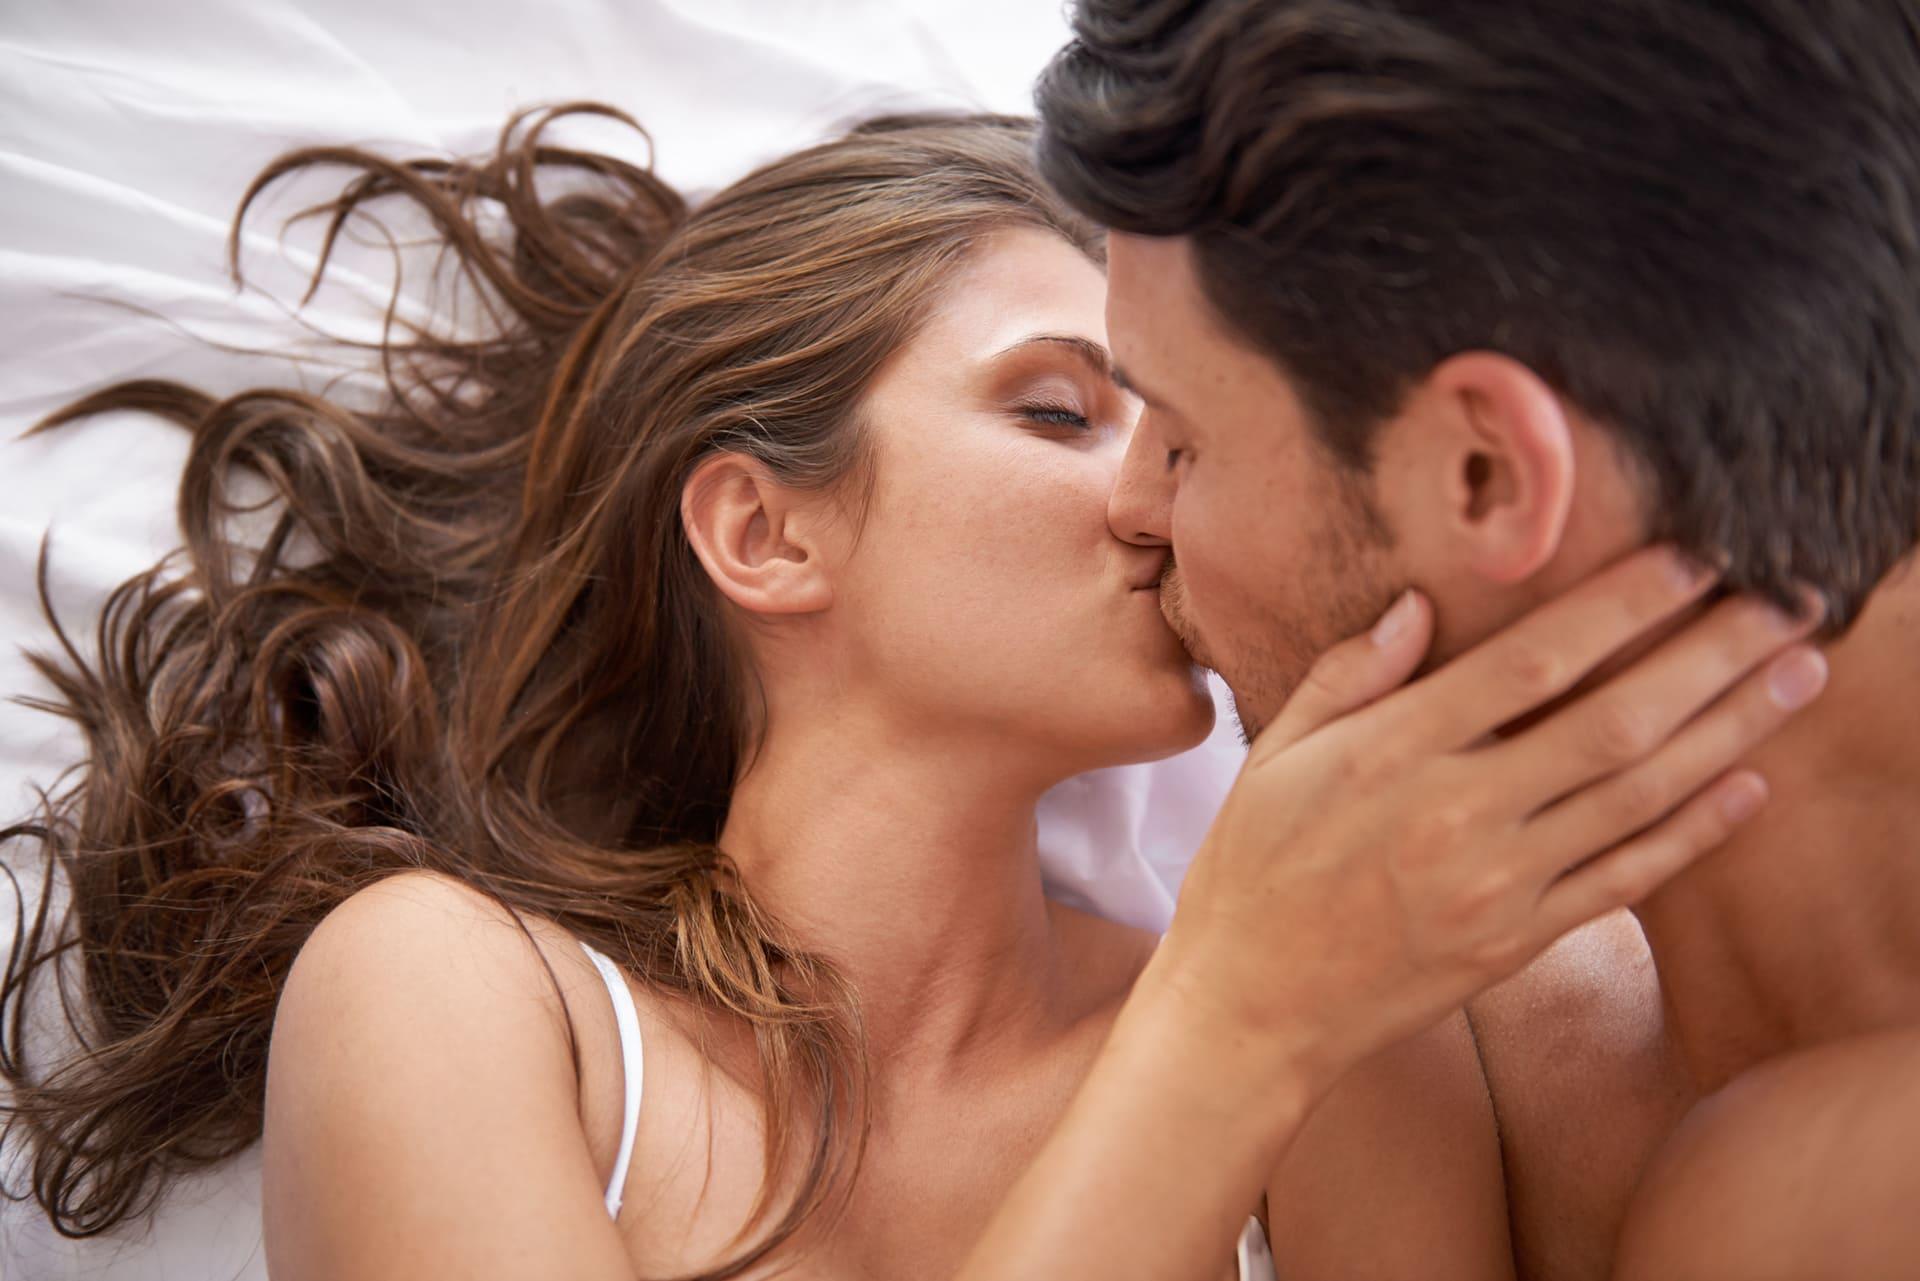 отношения между мужчиной и женщиной без секса